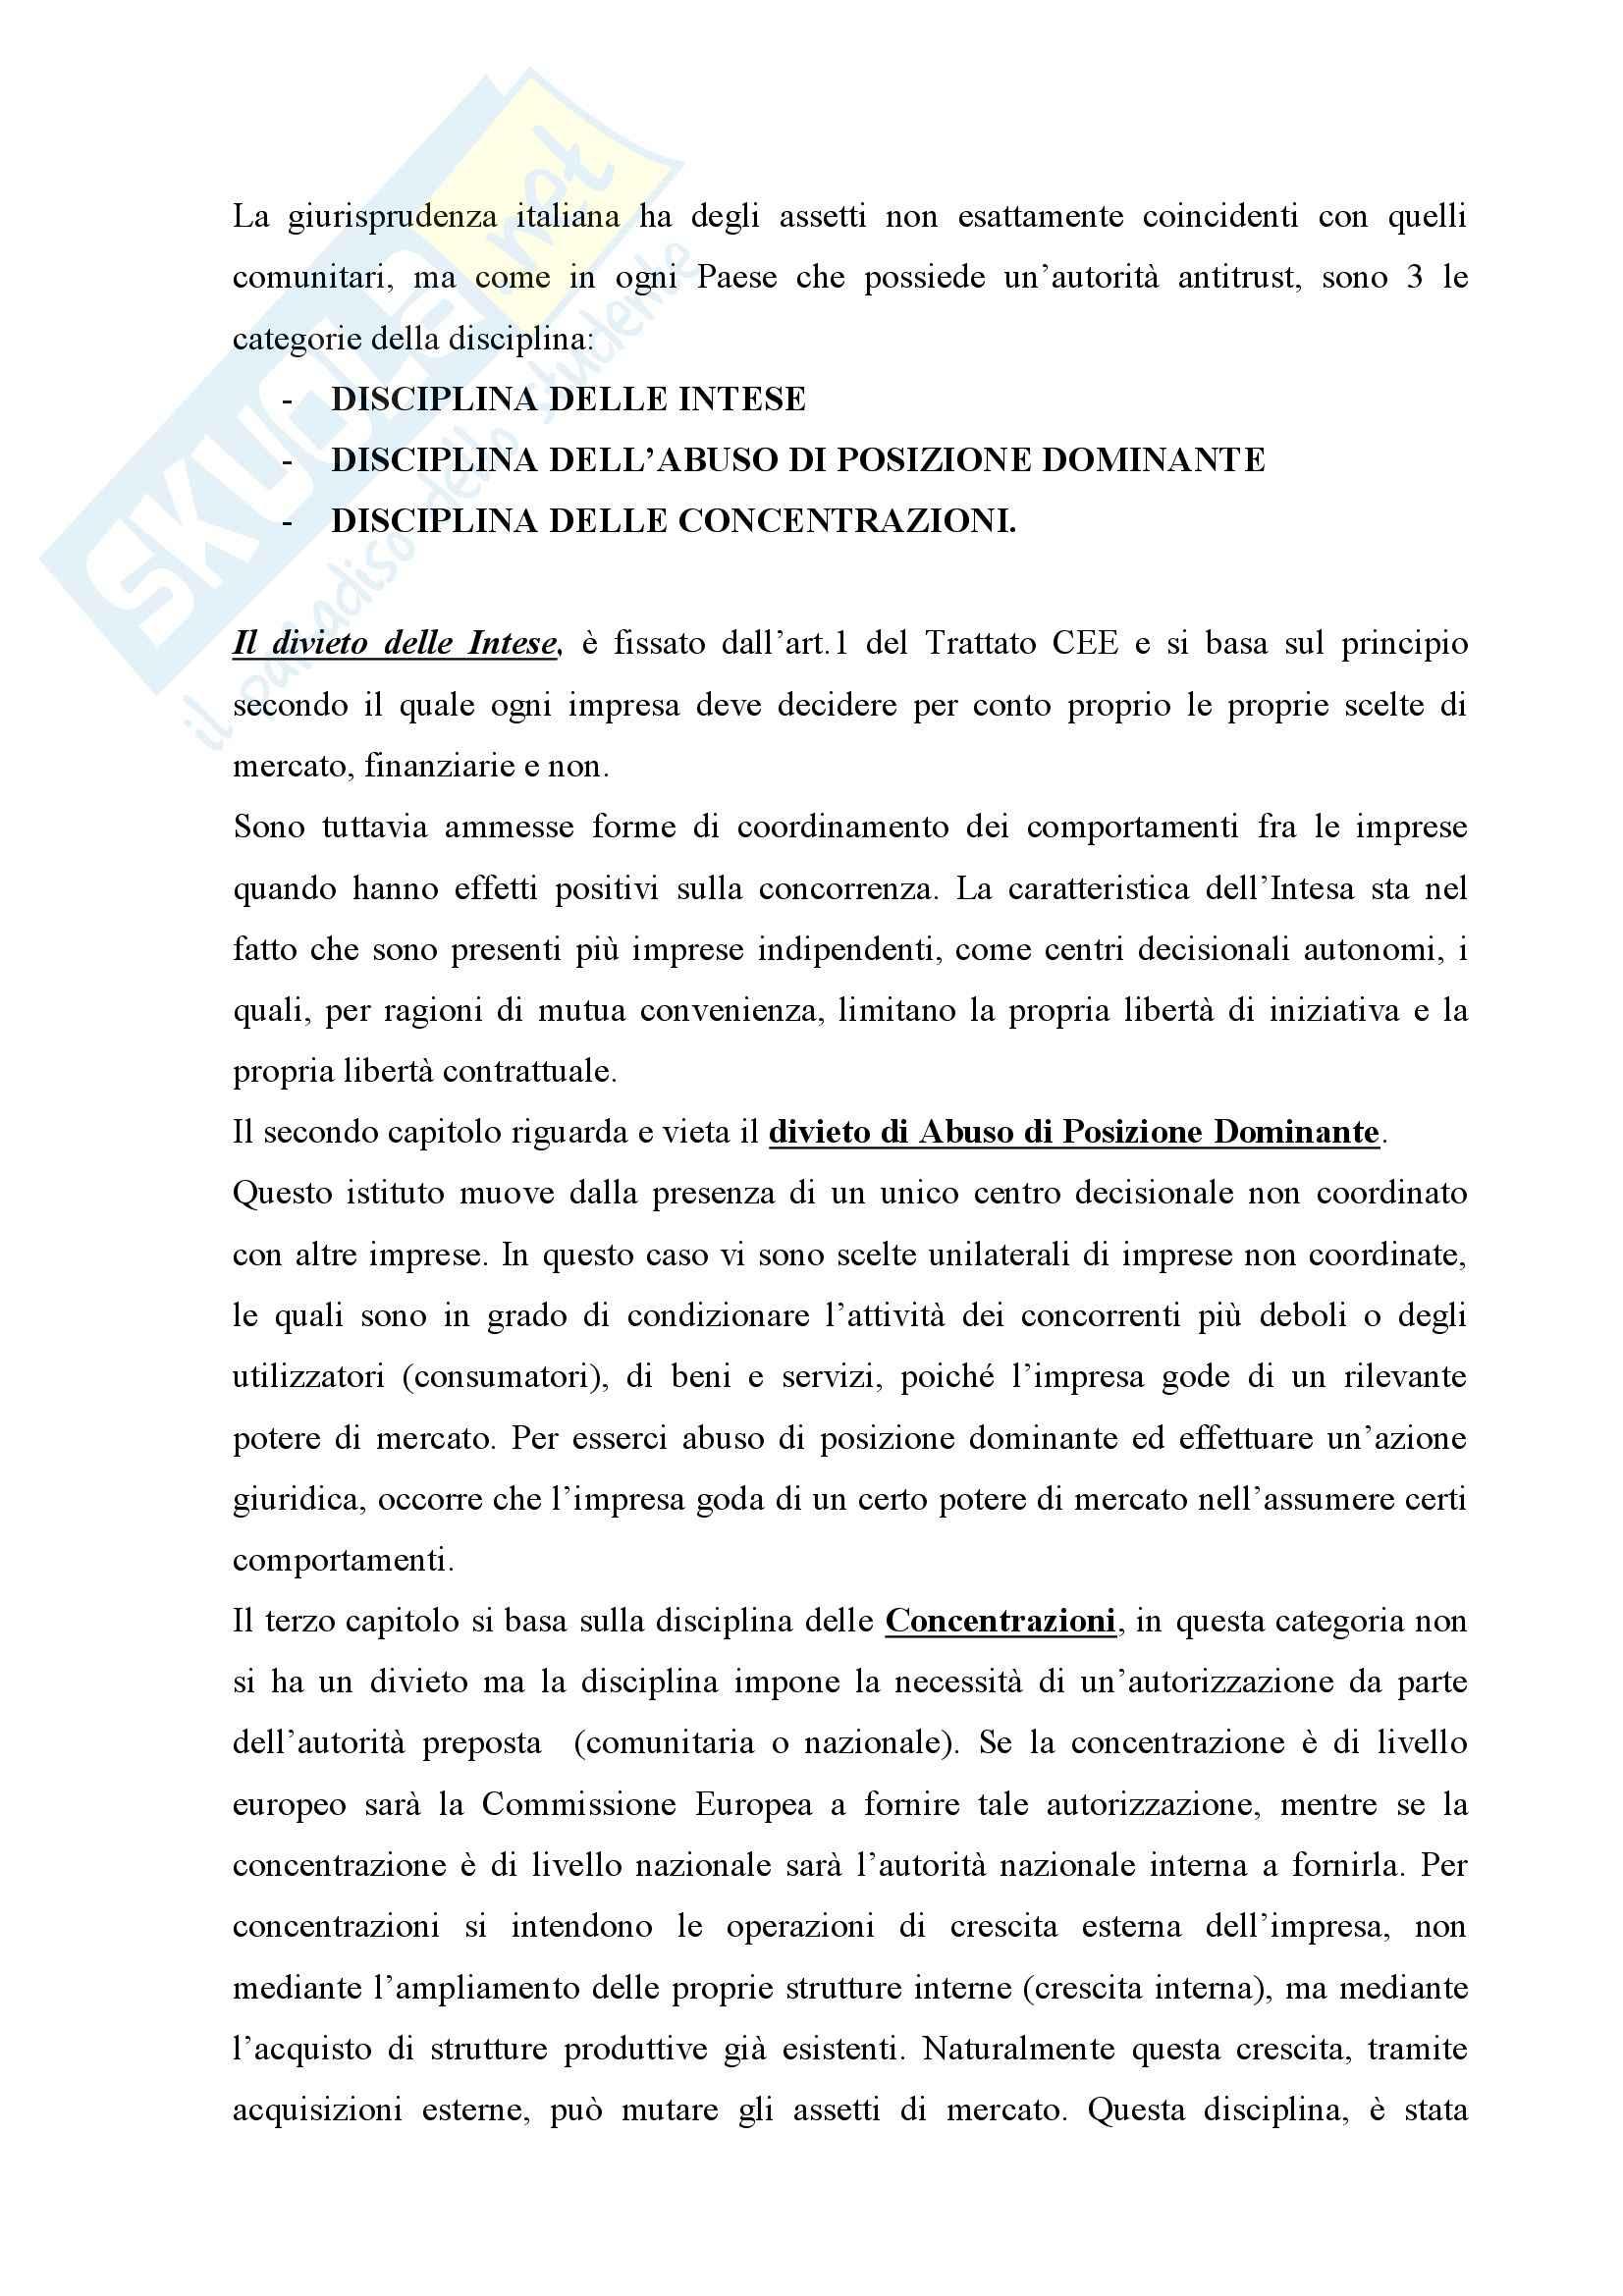 Diritto della concorrenza - Appunti Pag. 11